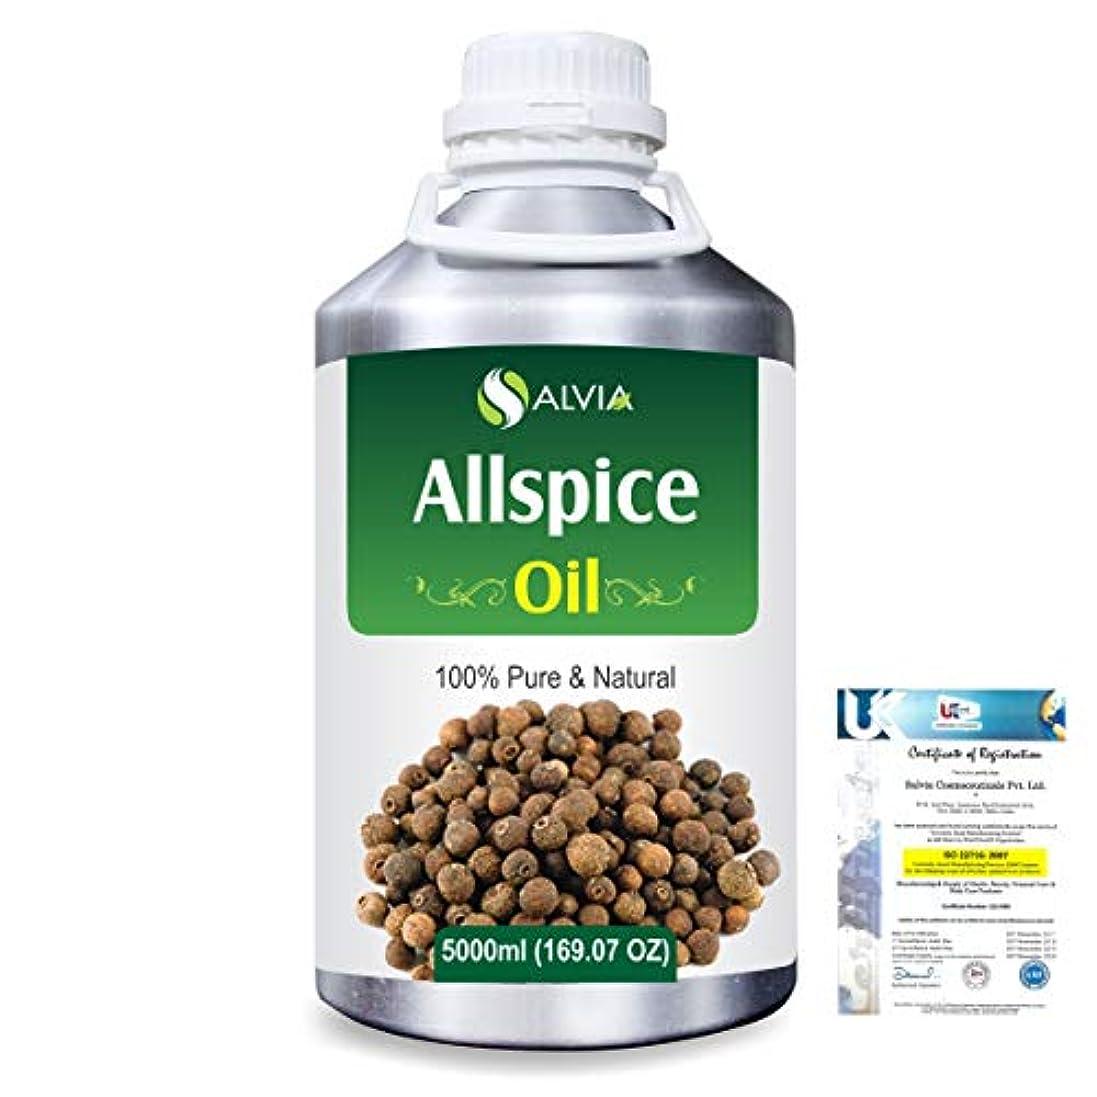 Allspice (Pimenta officinalis) 100% Natural Pure Essential Oil 5000ml/169fl.oz.